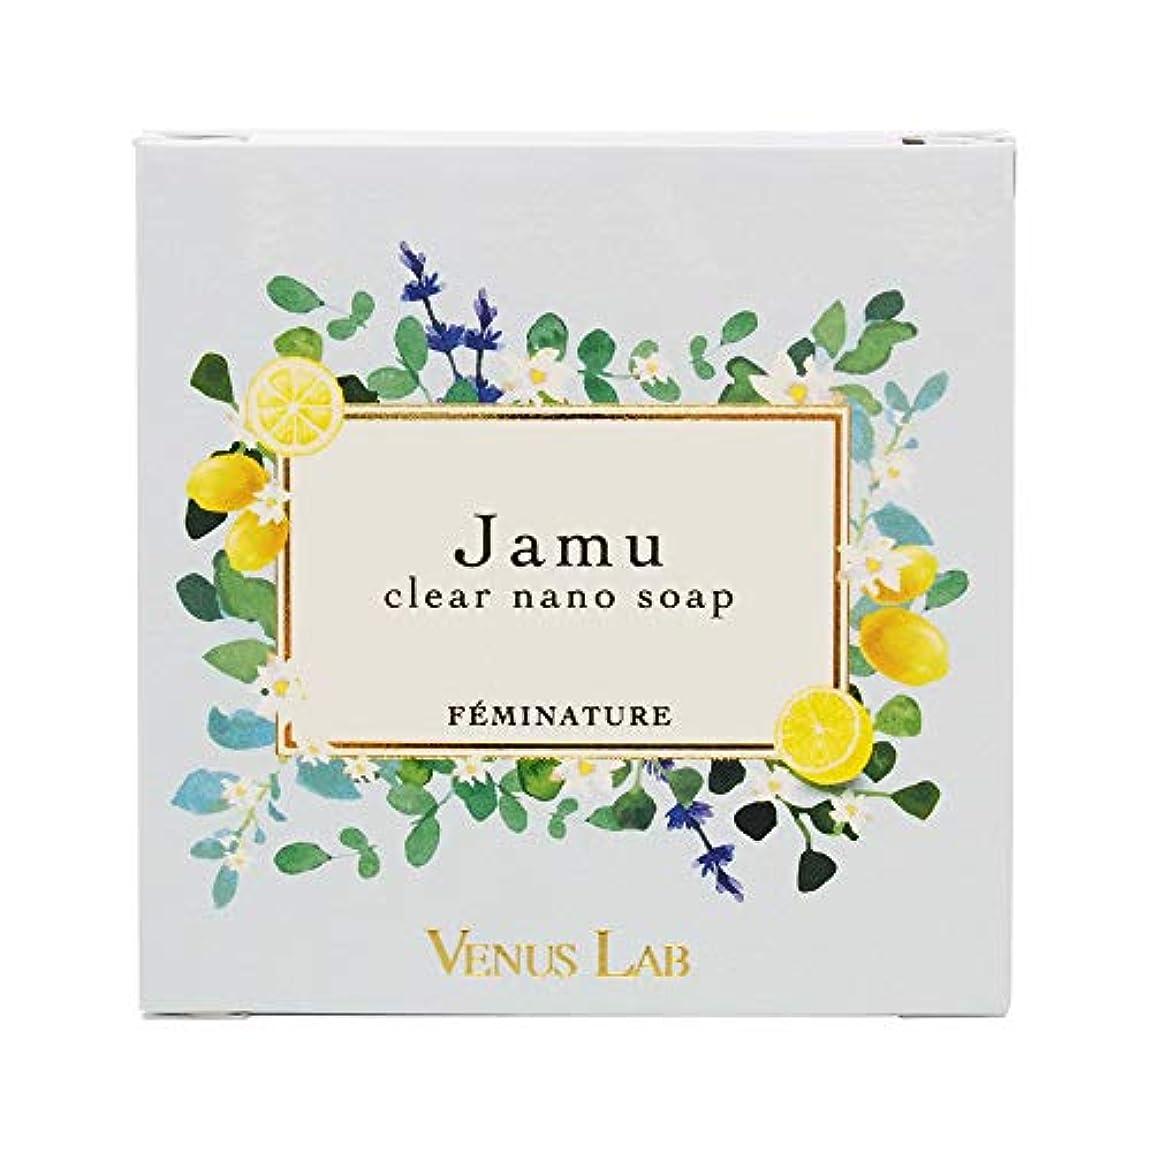 地味な崩壊織機ヴィーナスラボ フェミナチュール ジャムウクリアナノソープ 石鹸 レモングラスの香り 100g